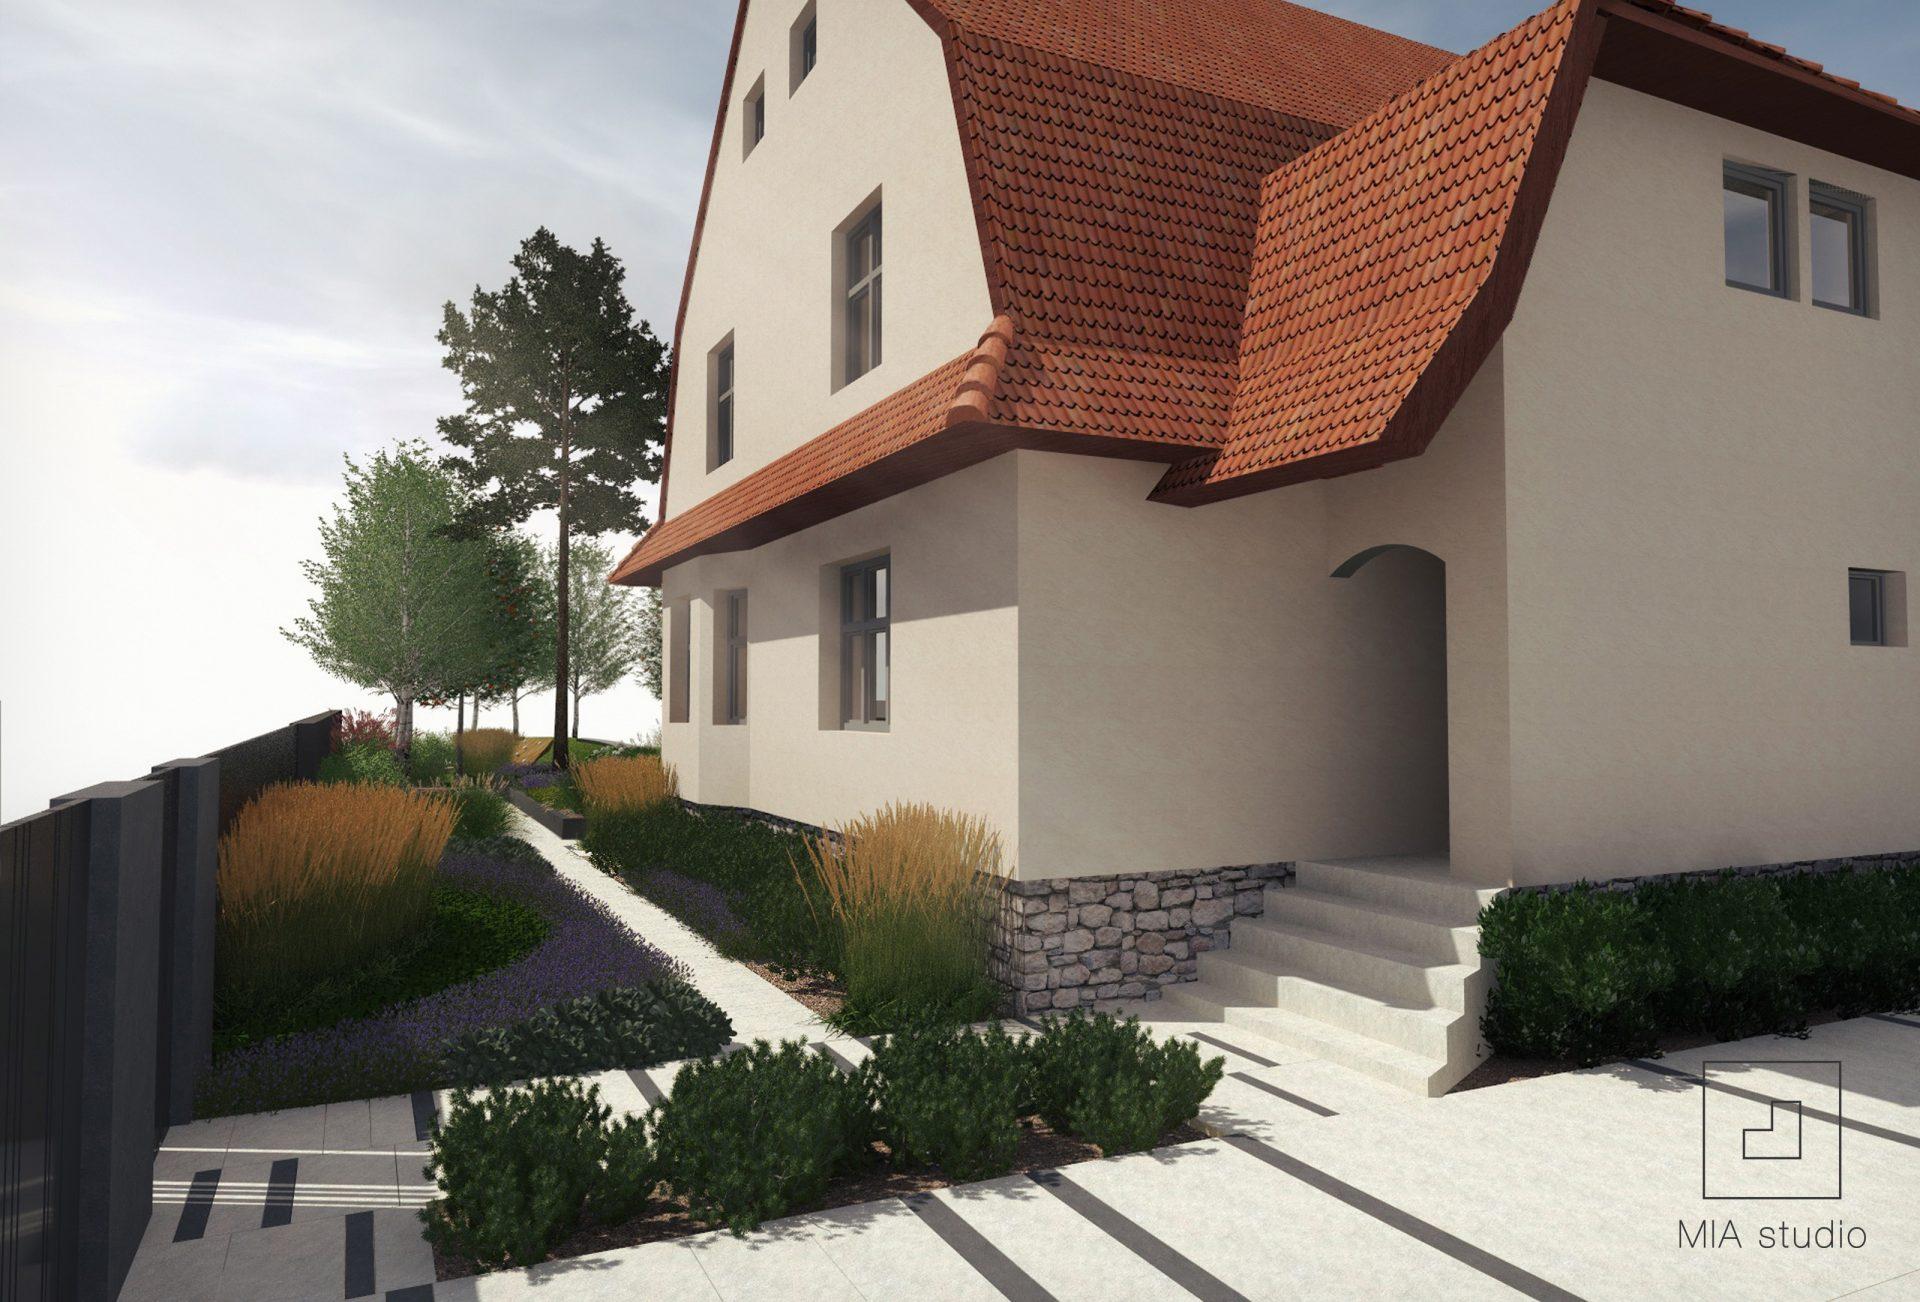 projekt ogrodu przed domem